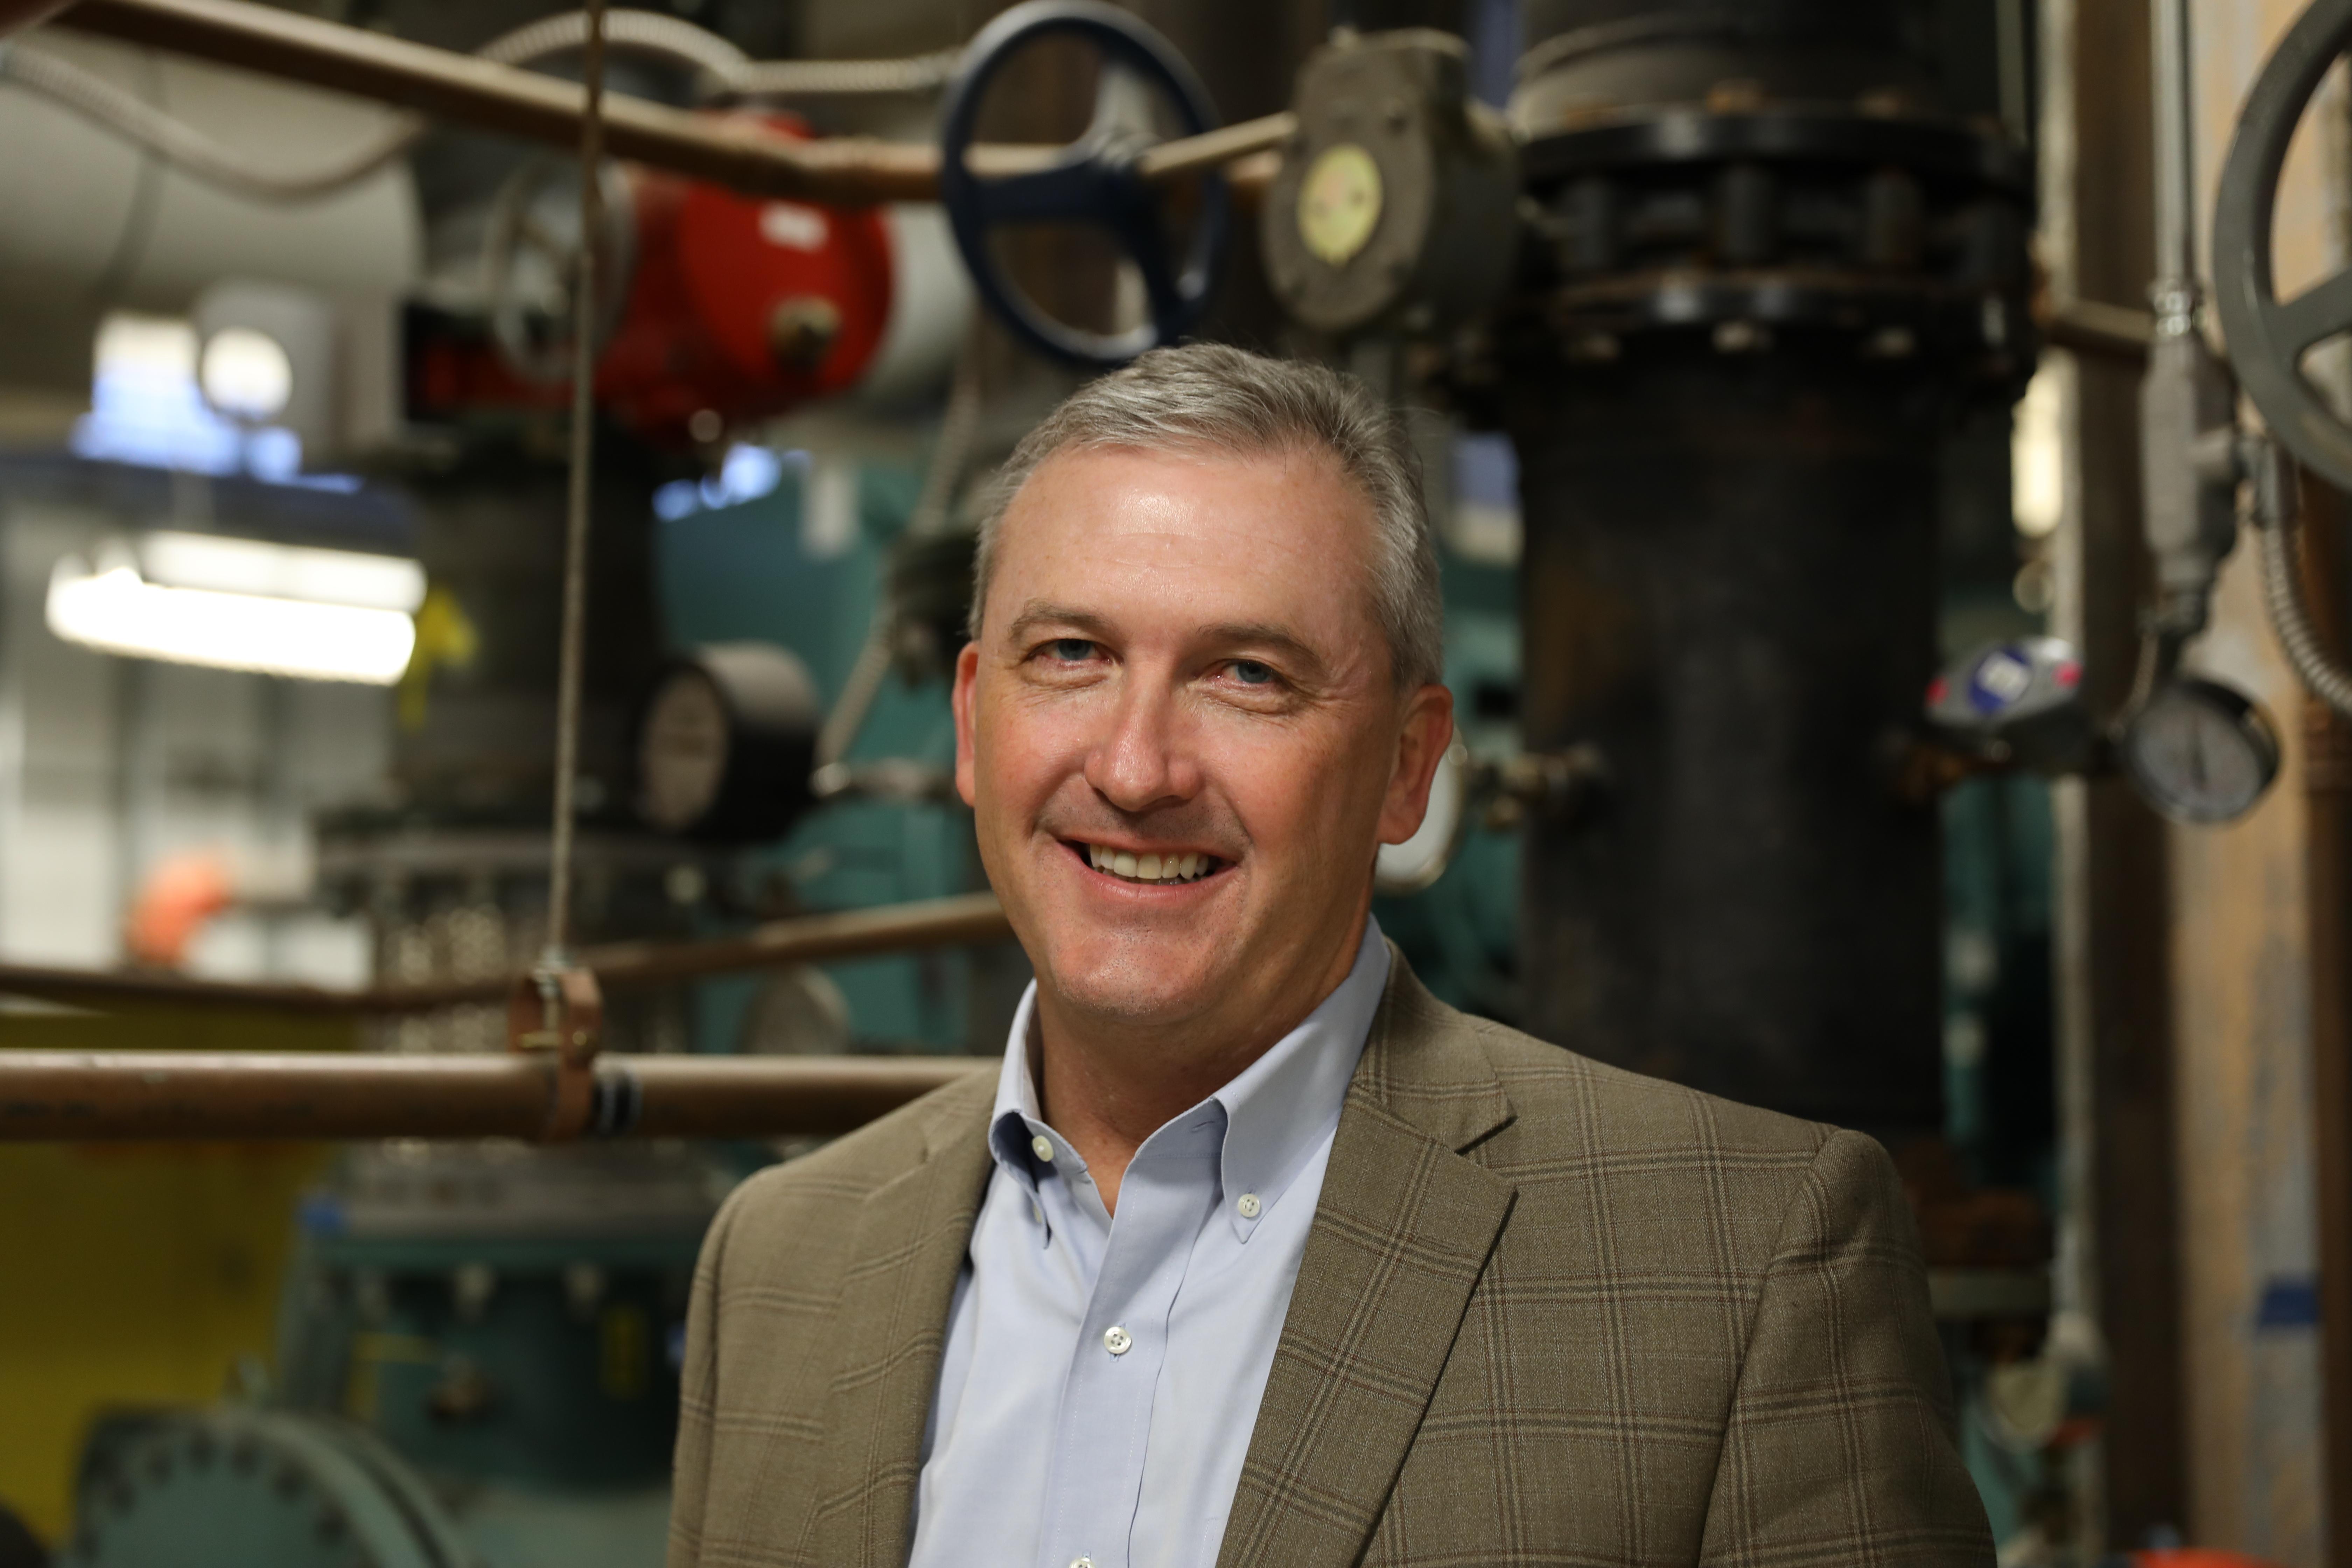 Rick Tullis